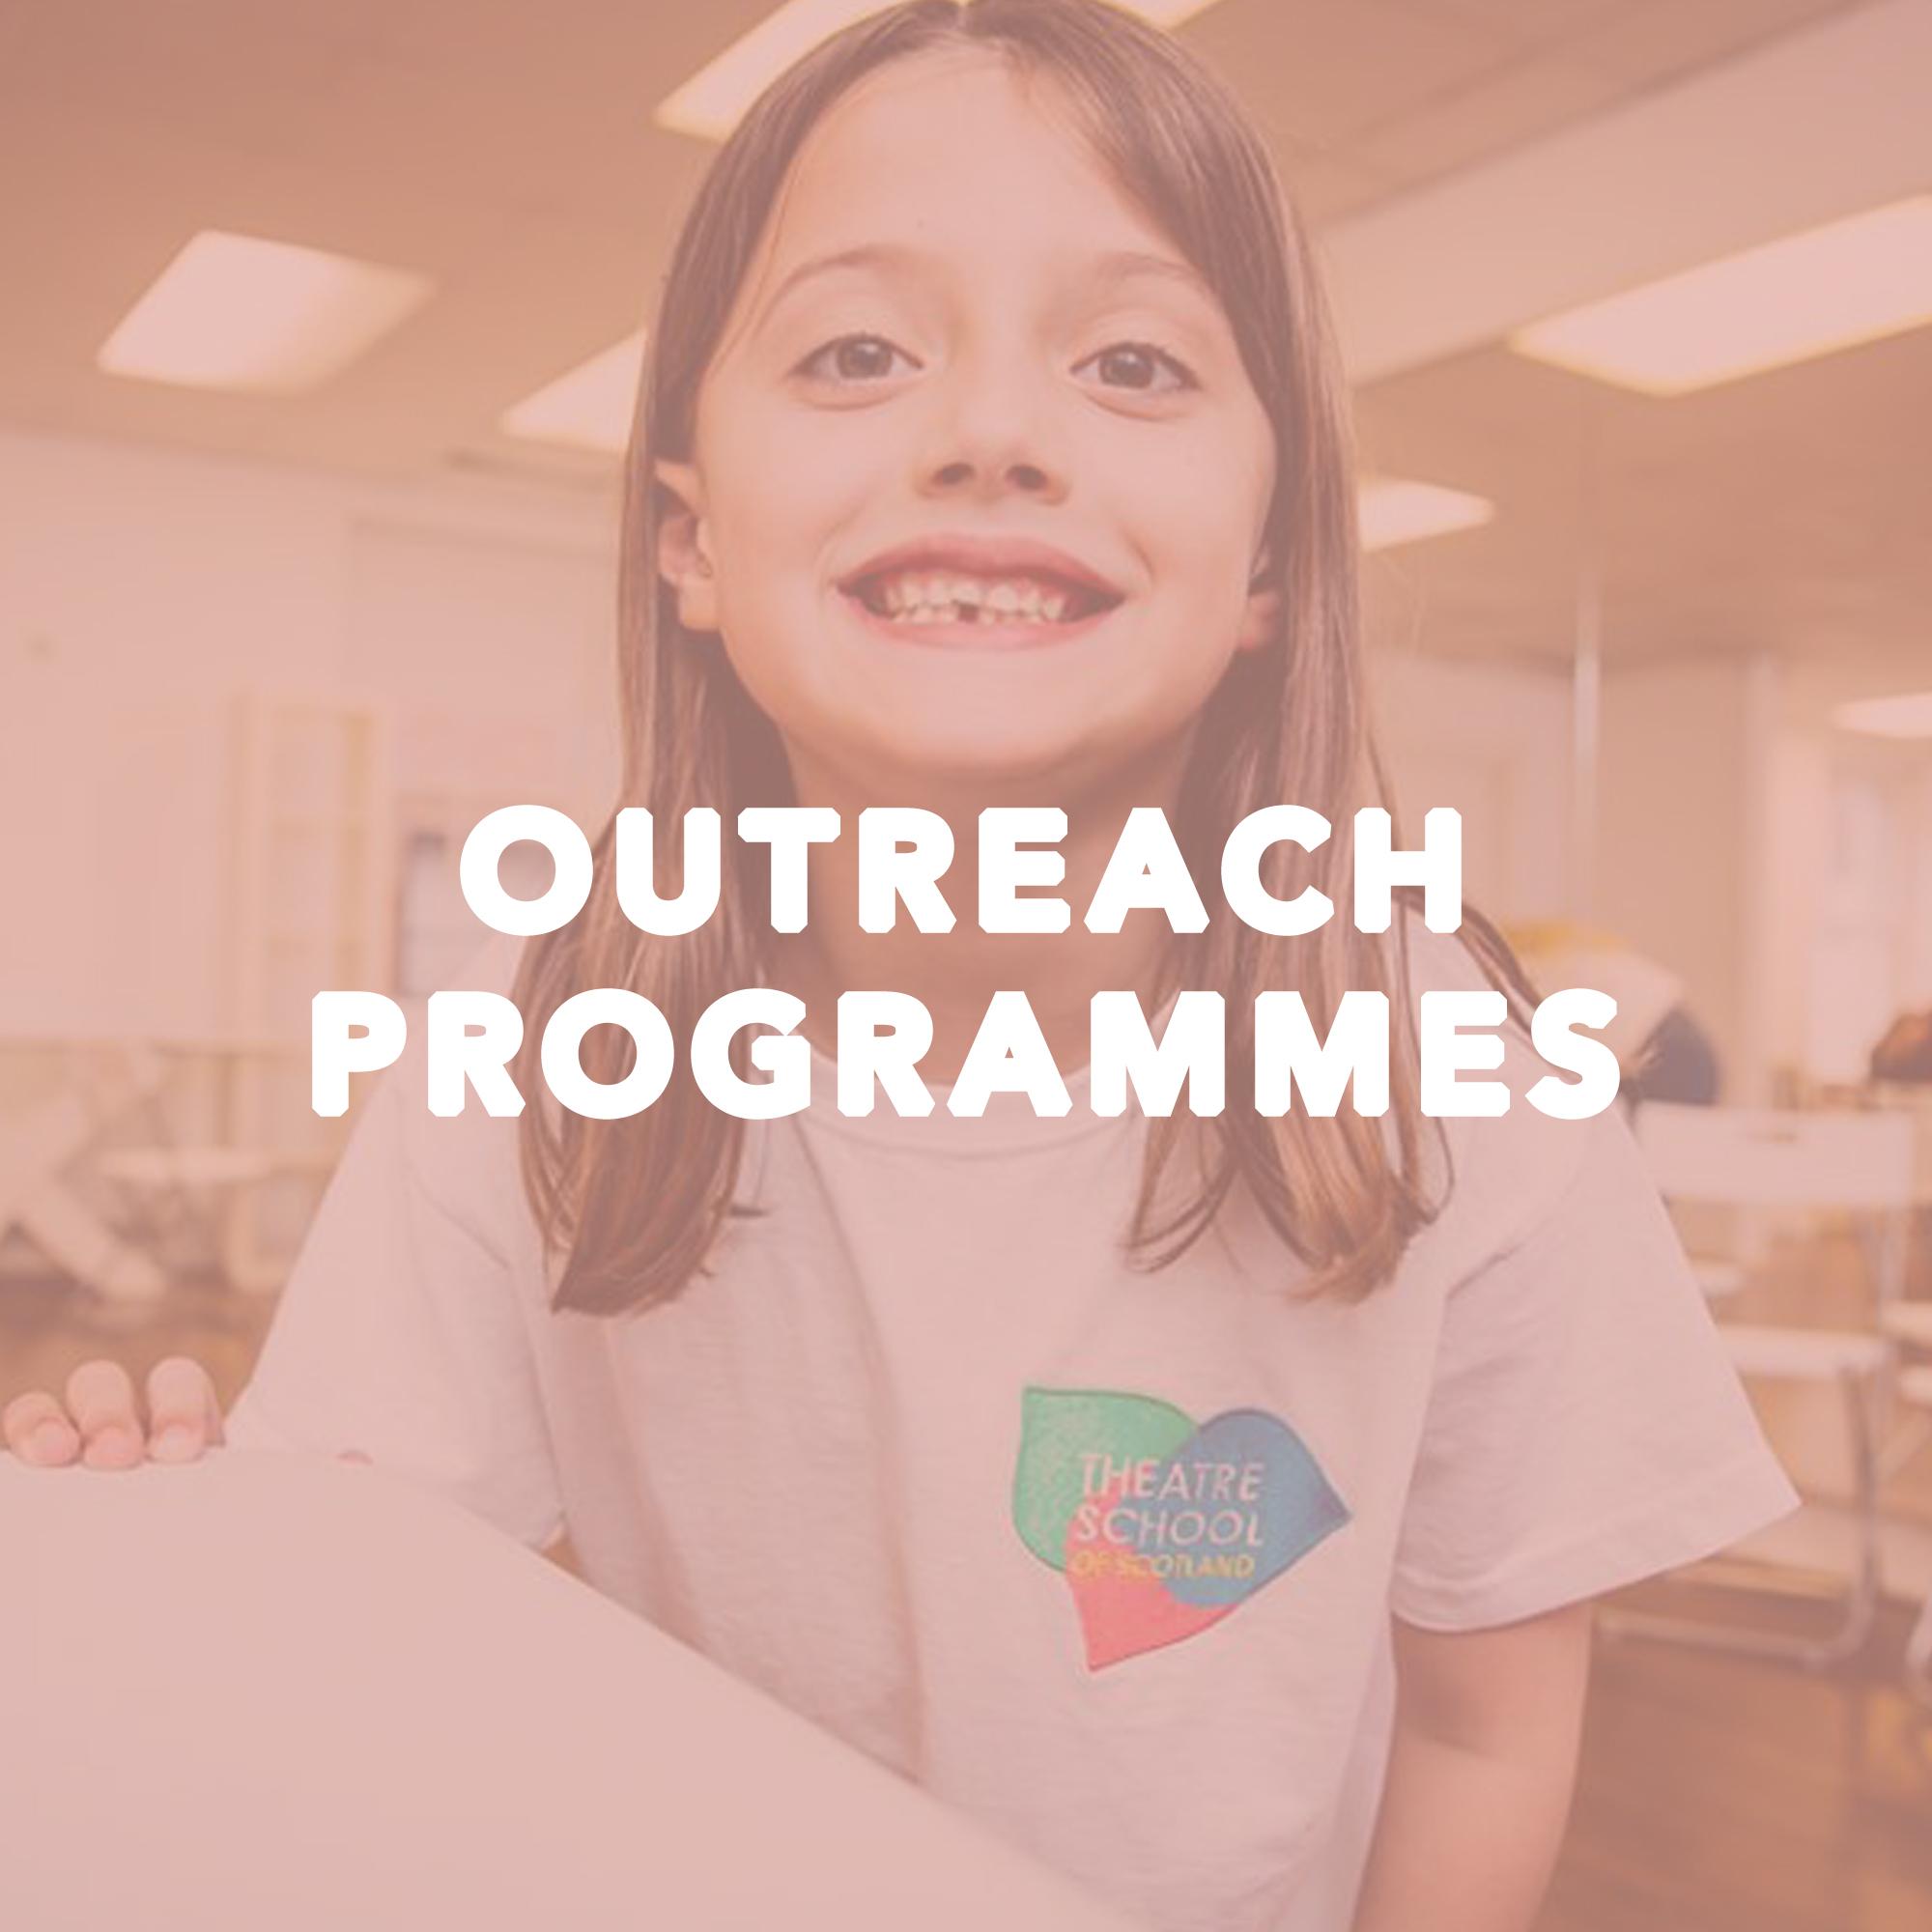 OutreachProgrammes